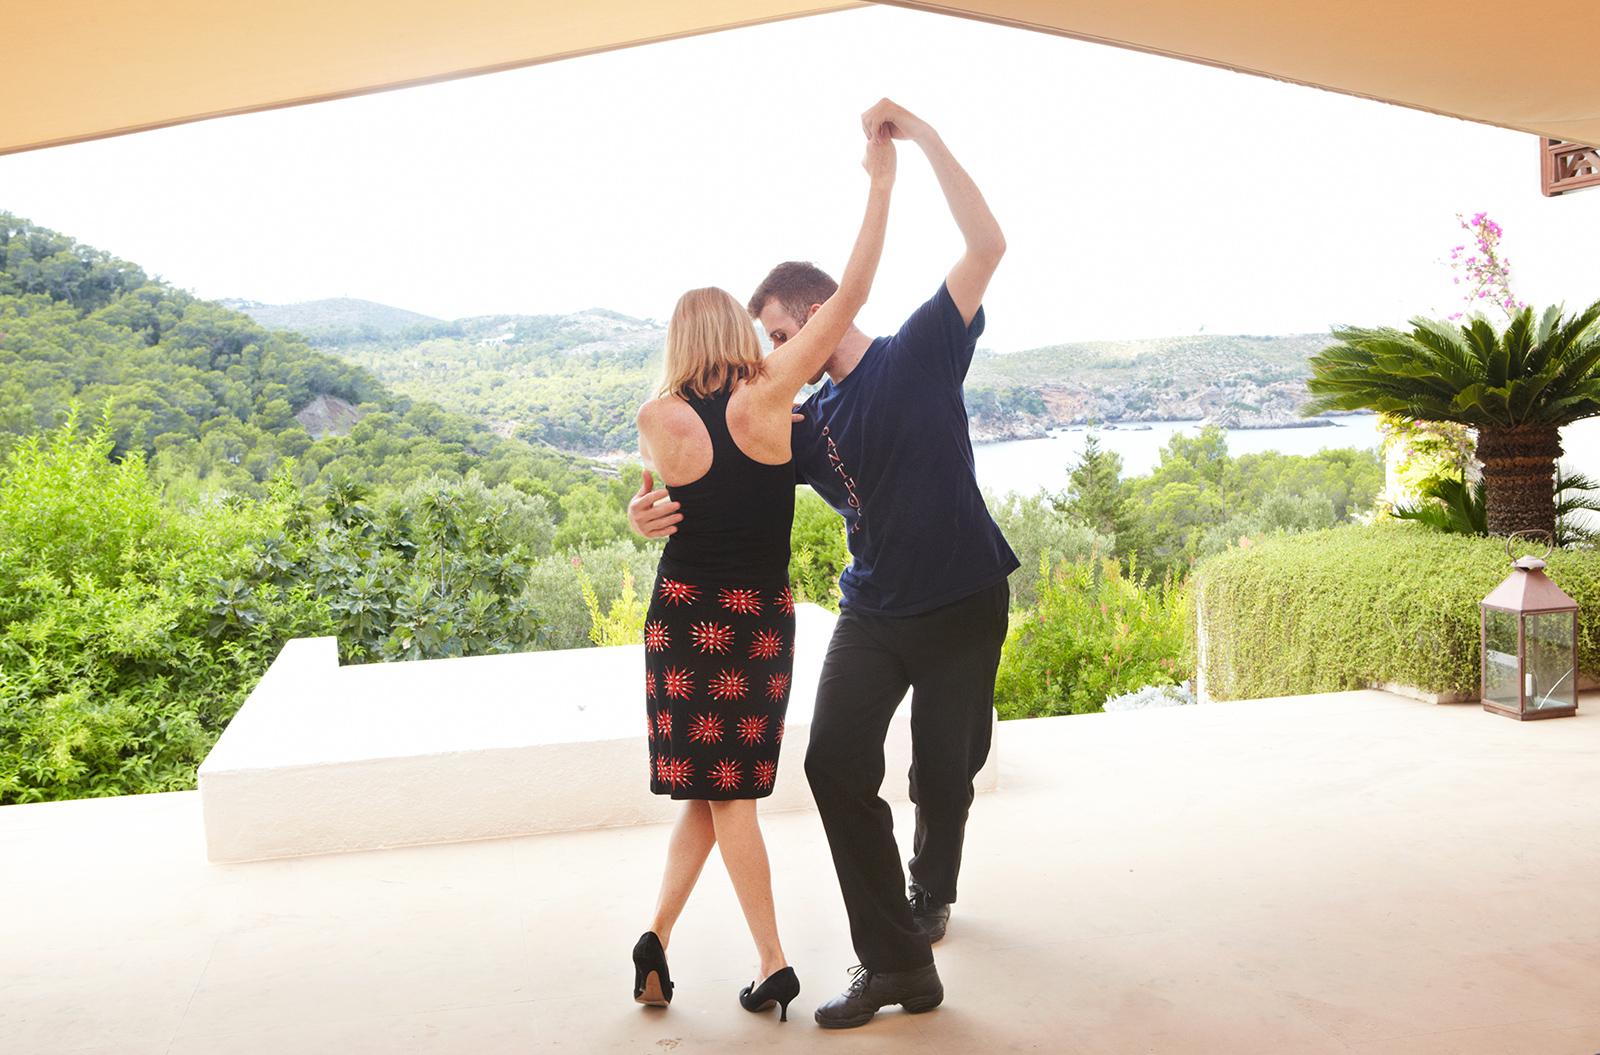 douglas_sarah_dancing.jpg